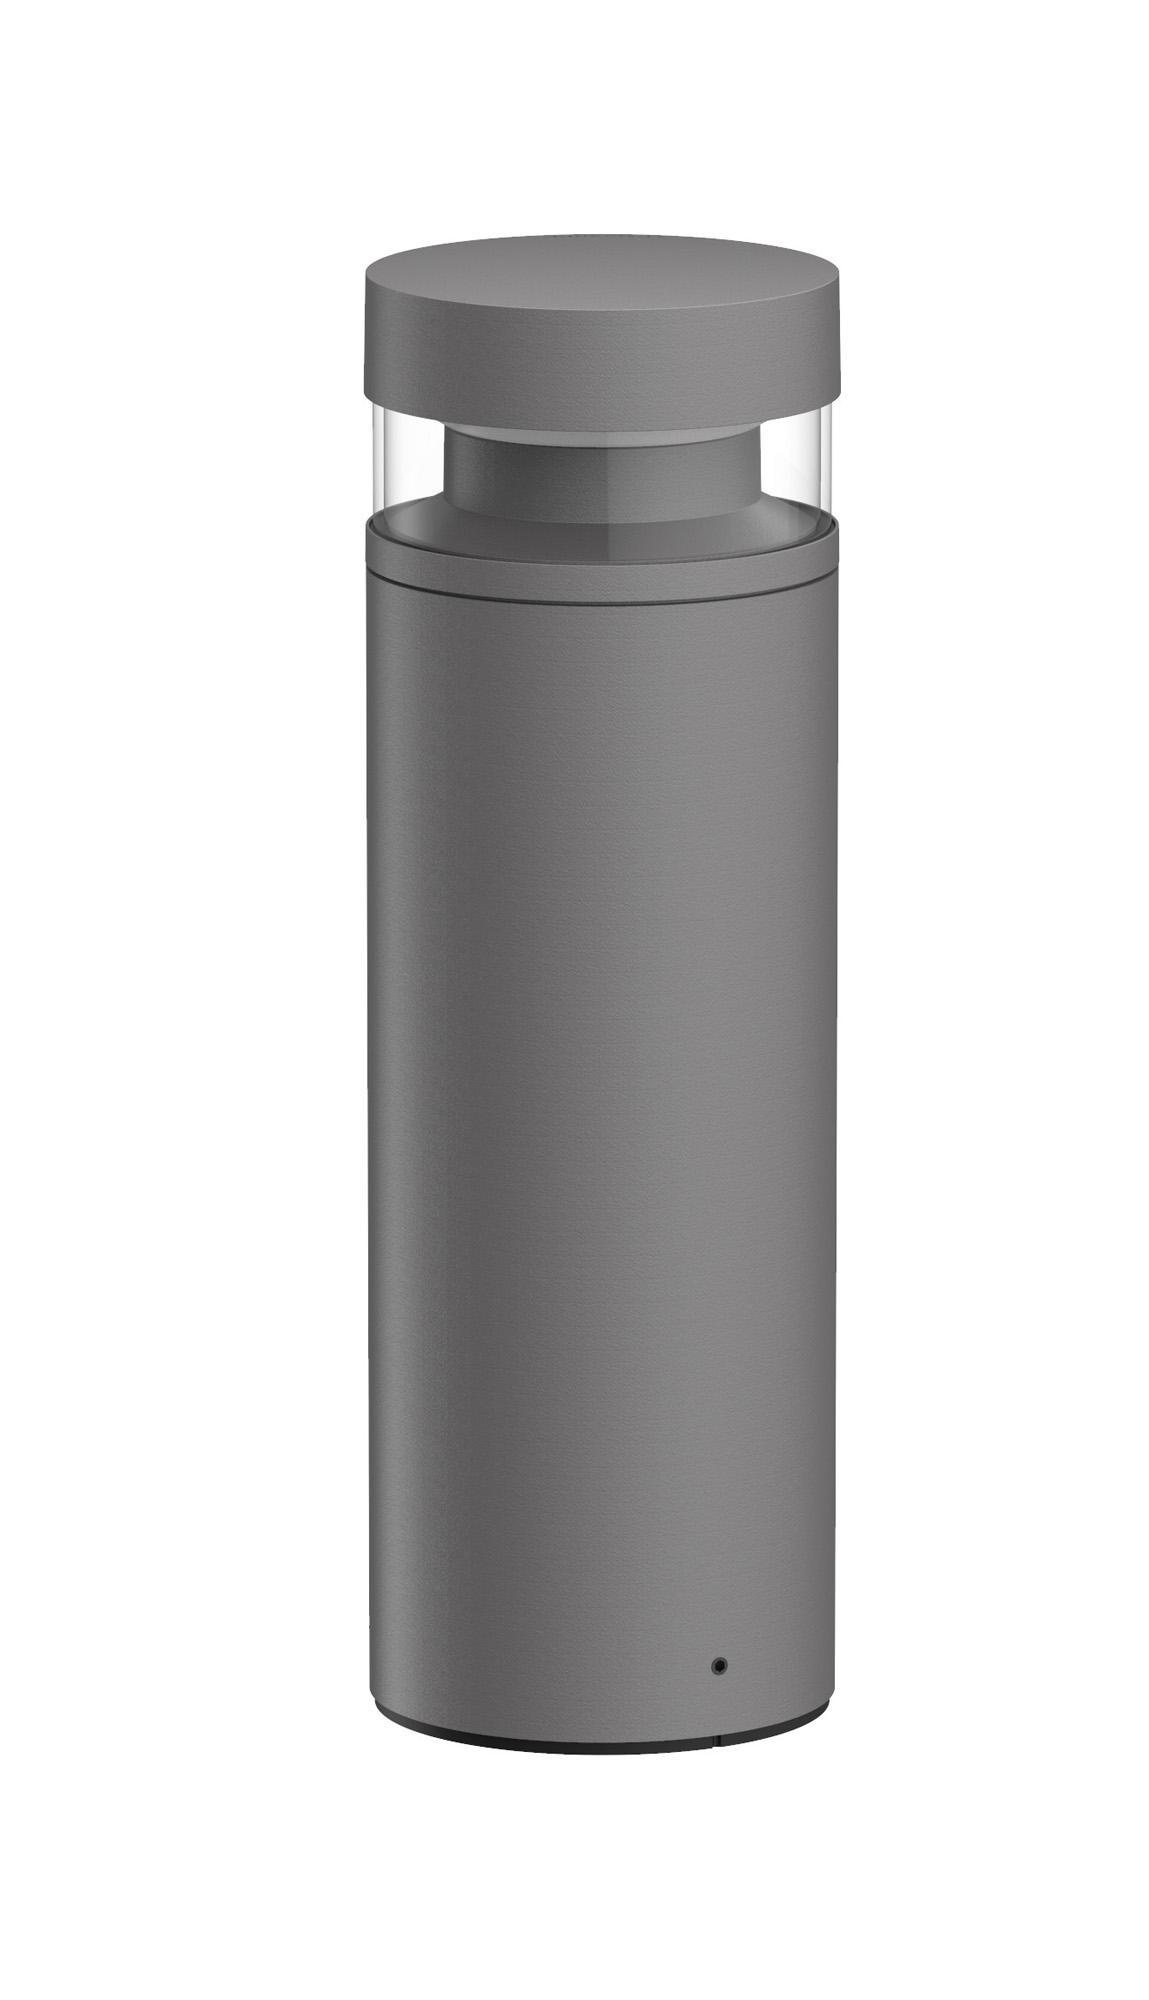 Välisvalgusti TOK 400mm, LED 13W 703lm 3000K; roostevaba teras, antratsiit, IP66 IK10